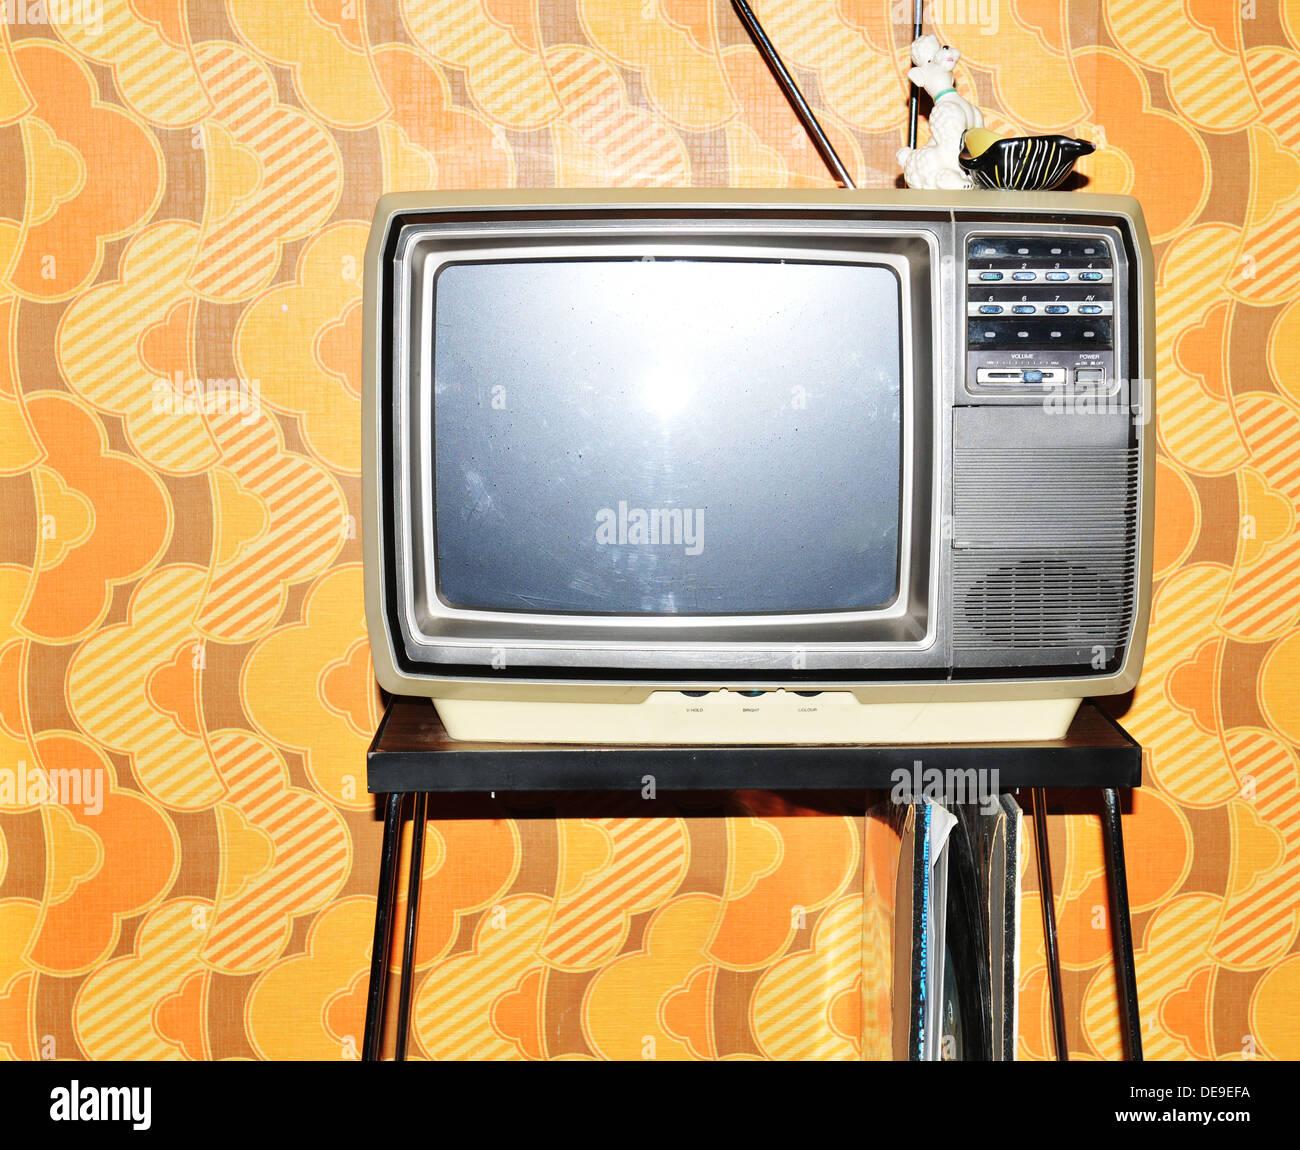 Old TV Set Against Vintage Wallpaper Background